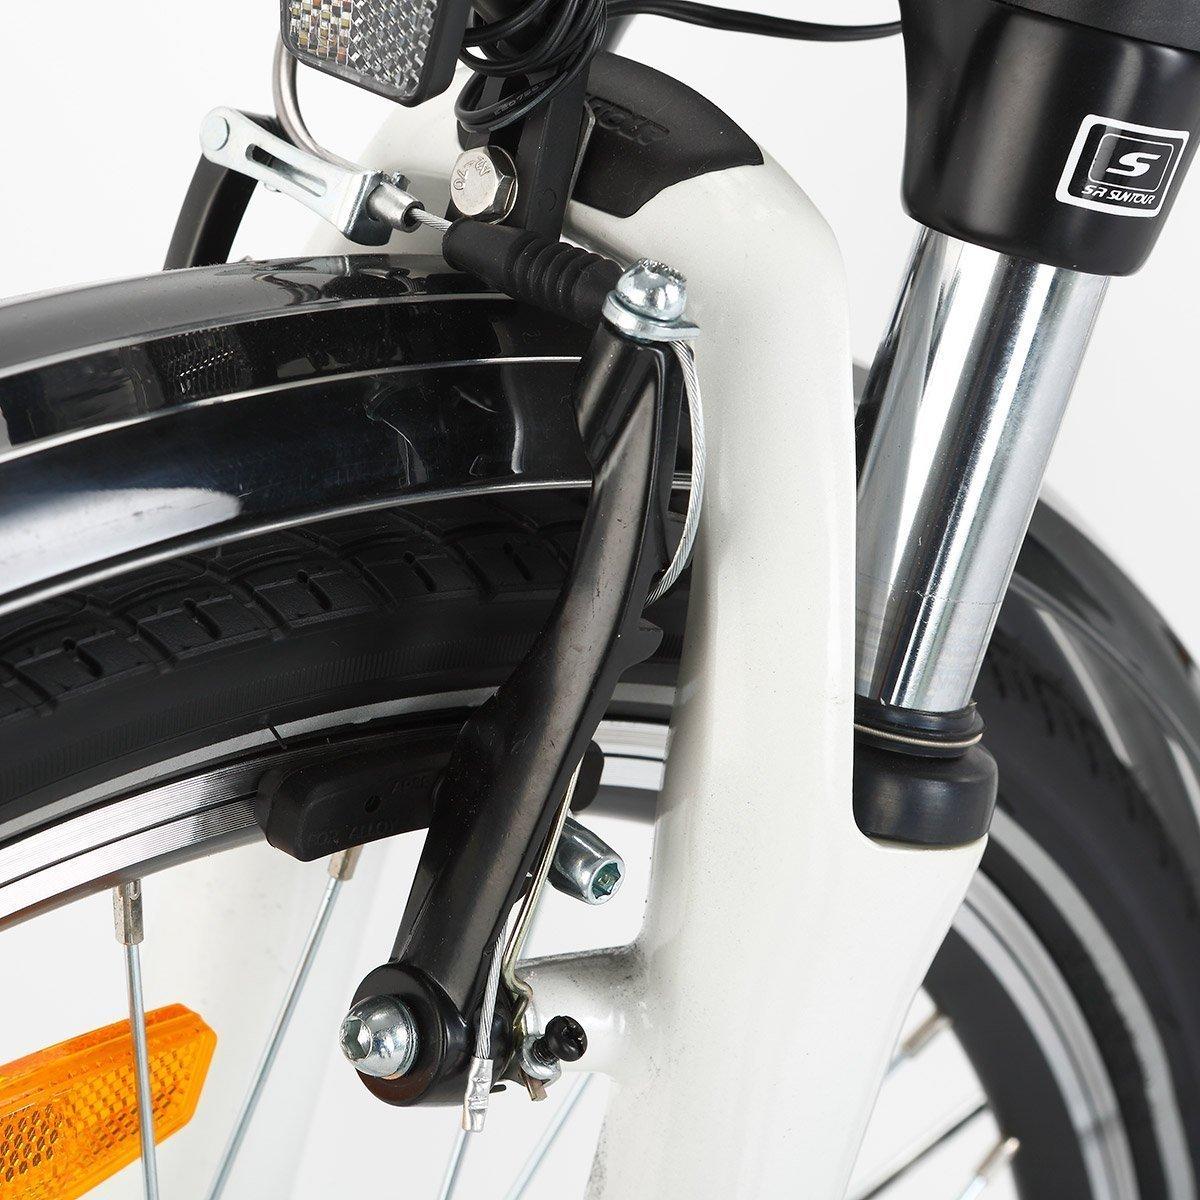 Amazon.com: Onway bicicleta urbana eléctrica de 26 ...